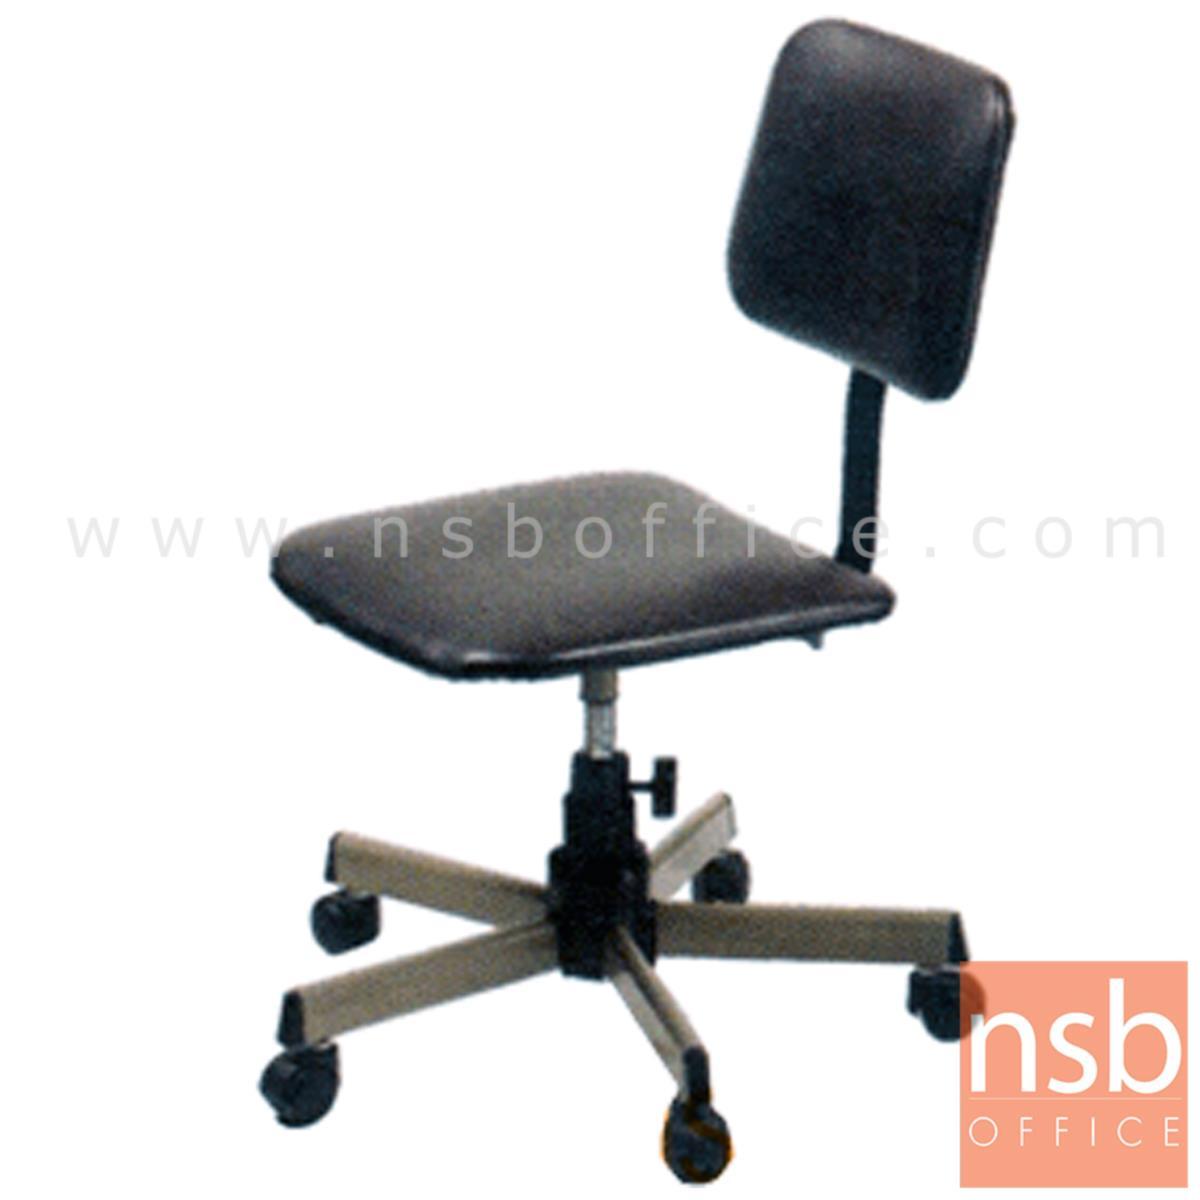 E28A087:เก้าอี้บาร์ที่นั่งเหลี่ยมล้อเลื่อน ยี่ห้อลัคกี้ รุ่น CH-063  ขาเหล็ก